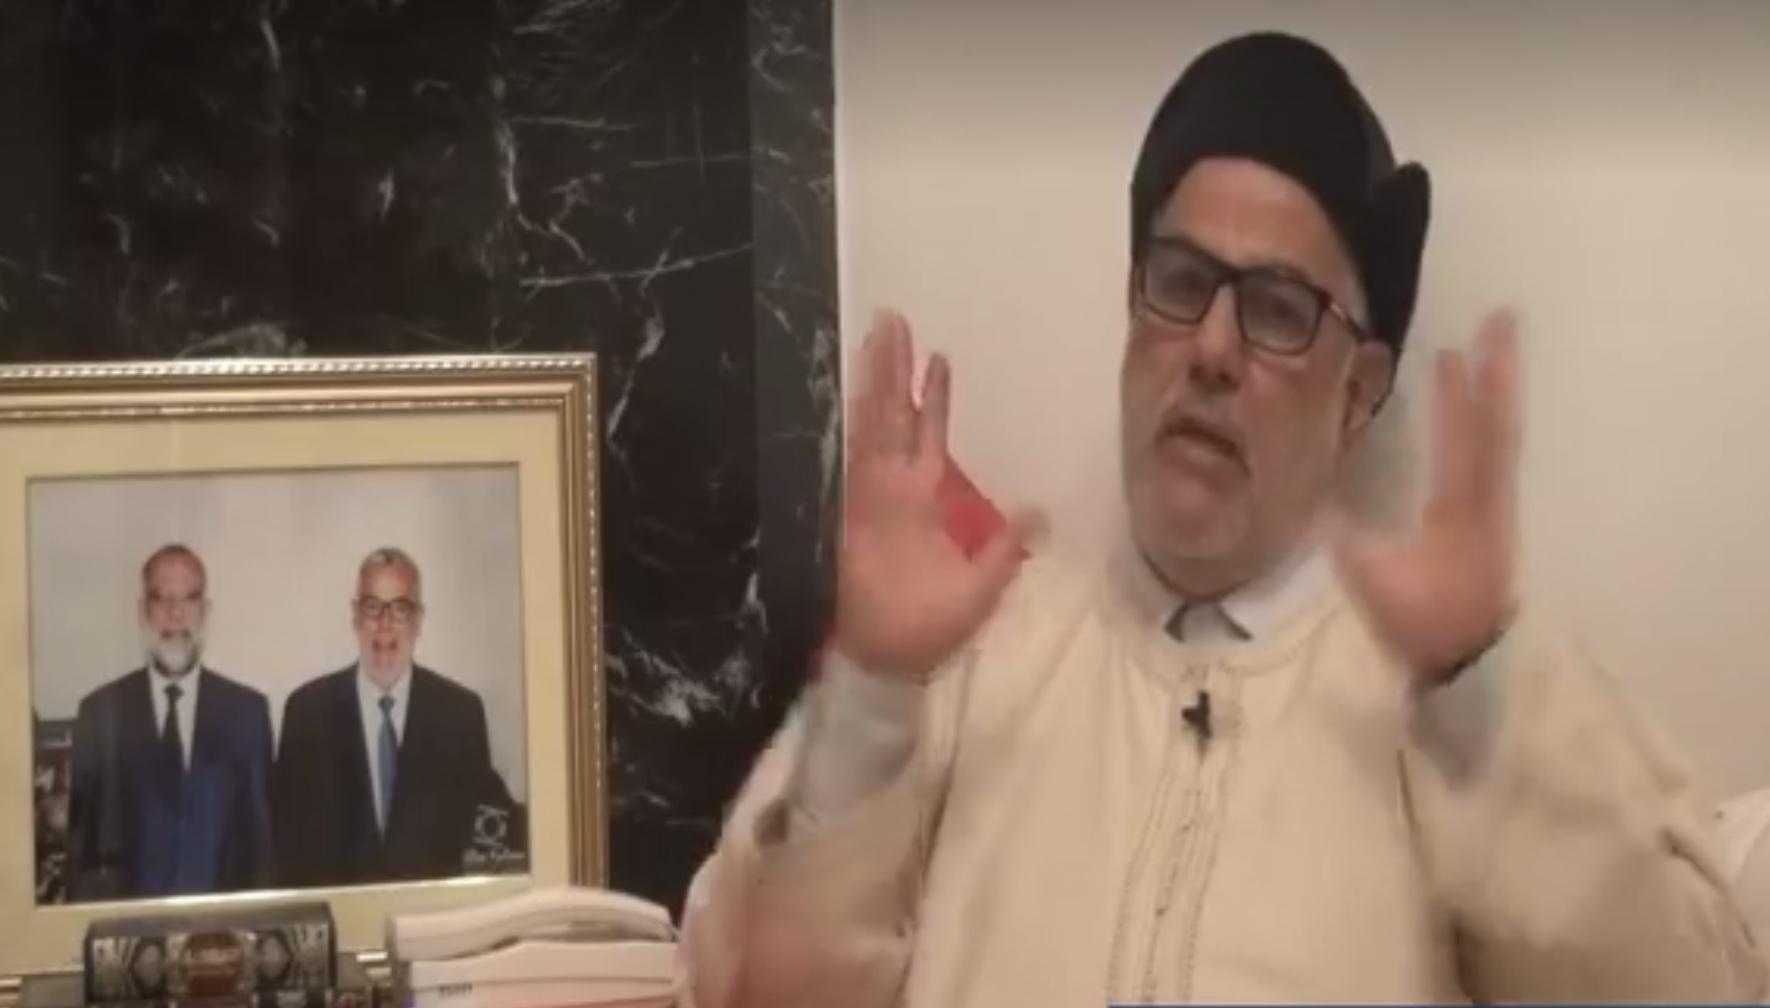 فيديو/بنكيران: 'عندي غير معاش 7 دلمليون ويلا لقيتو عندي ما كثر مستعد نخوي البلاد'